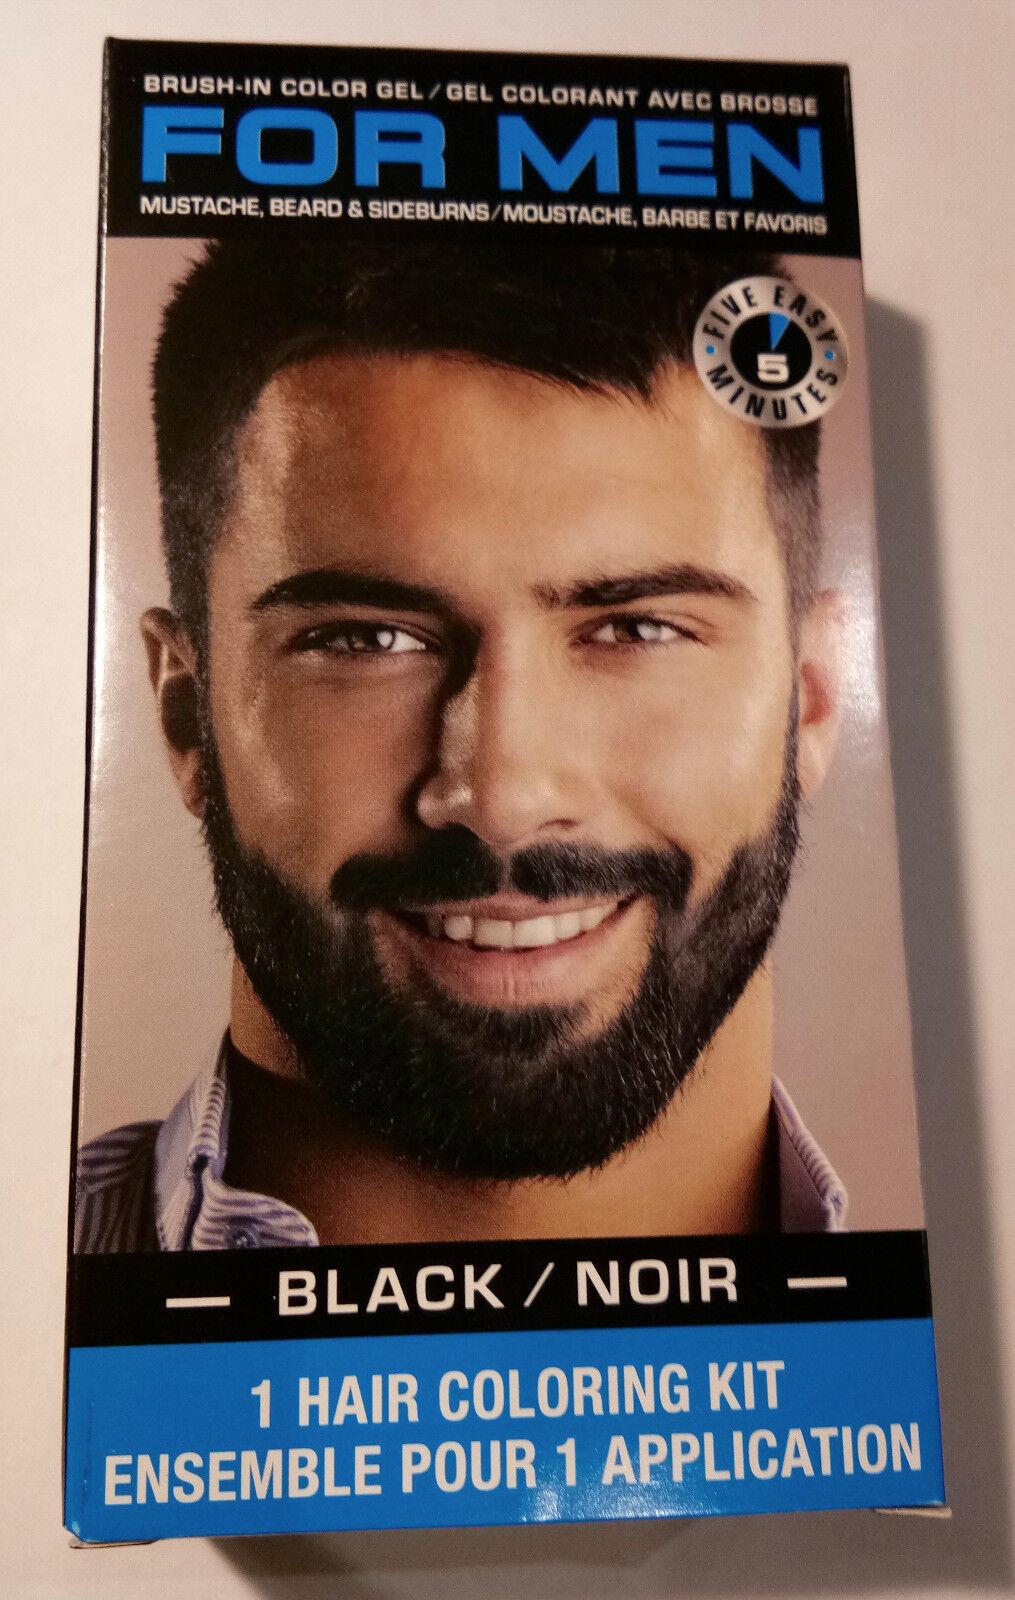 Black For Men Mustache Beard Sideburns Hair Coloring Kit Brush In